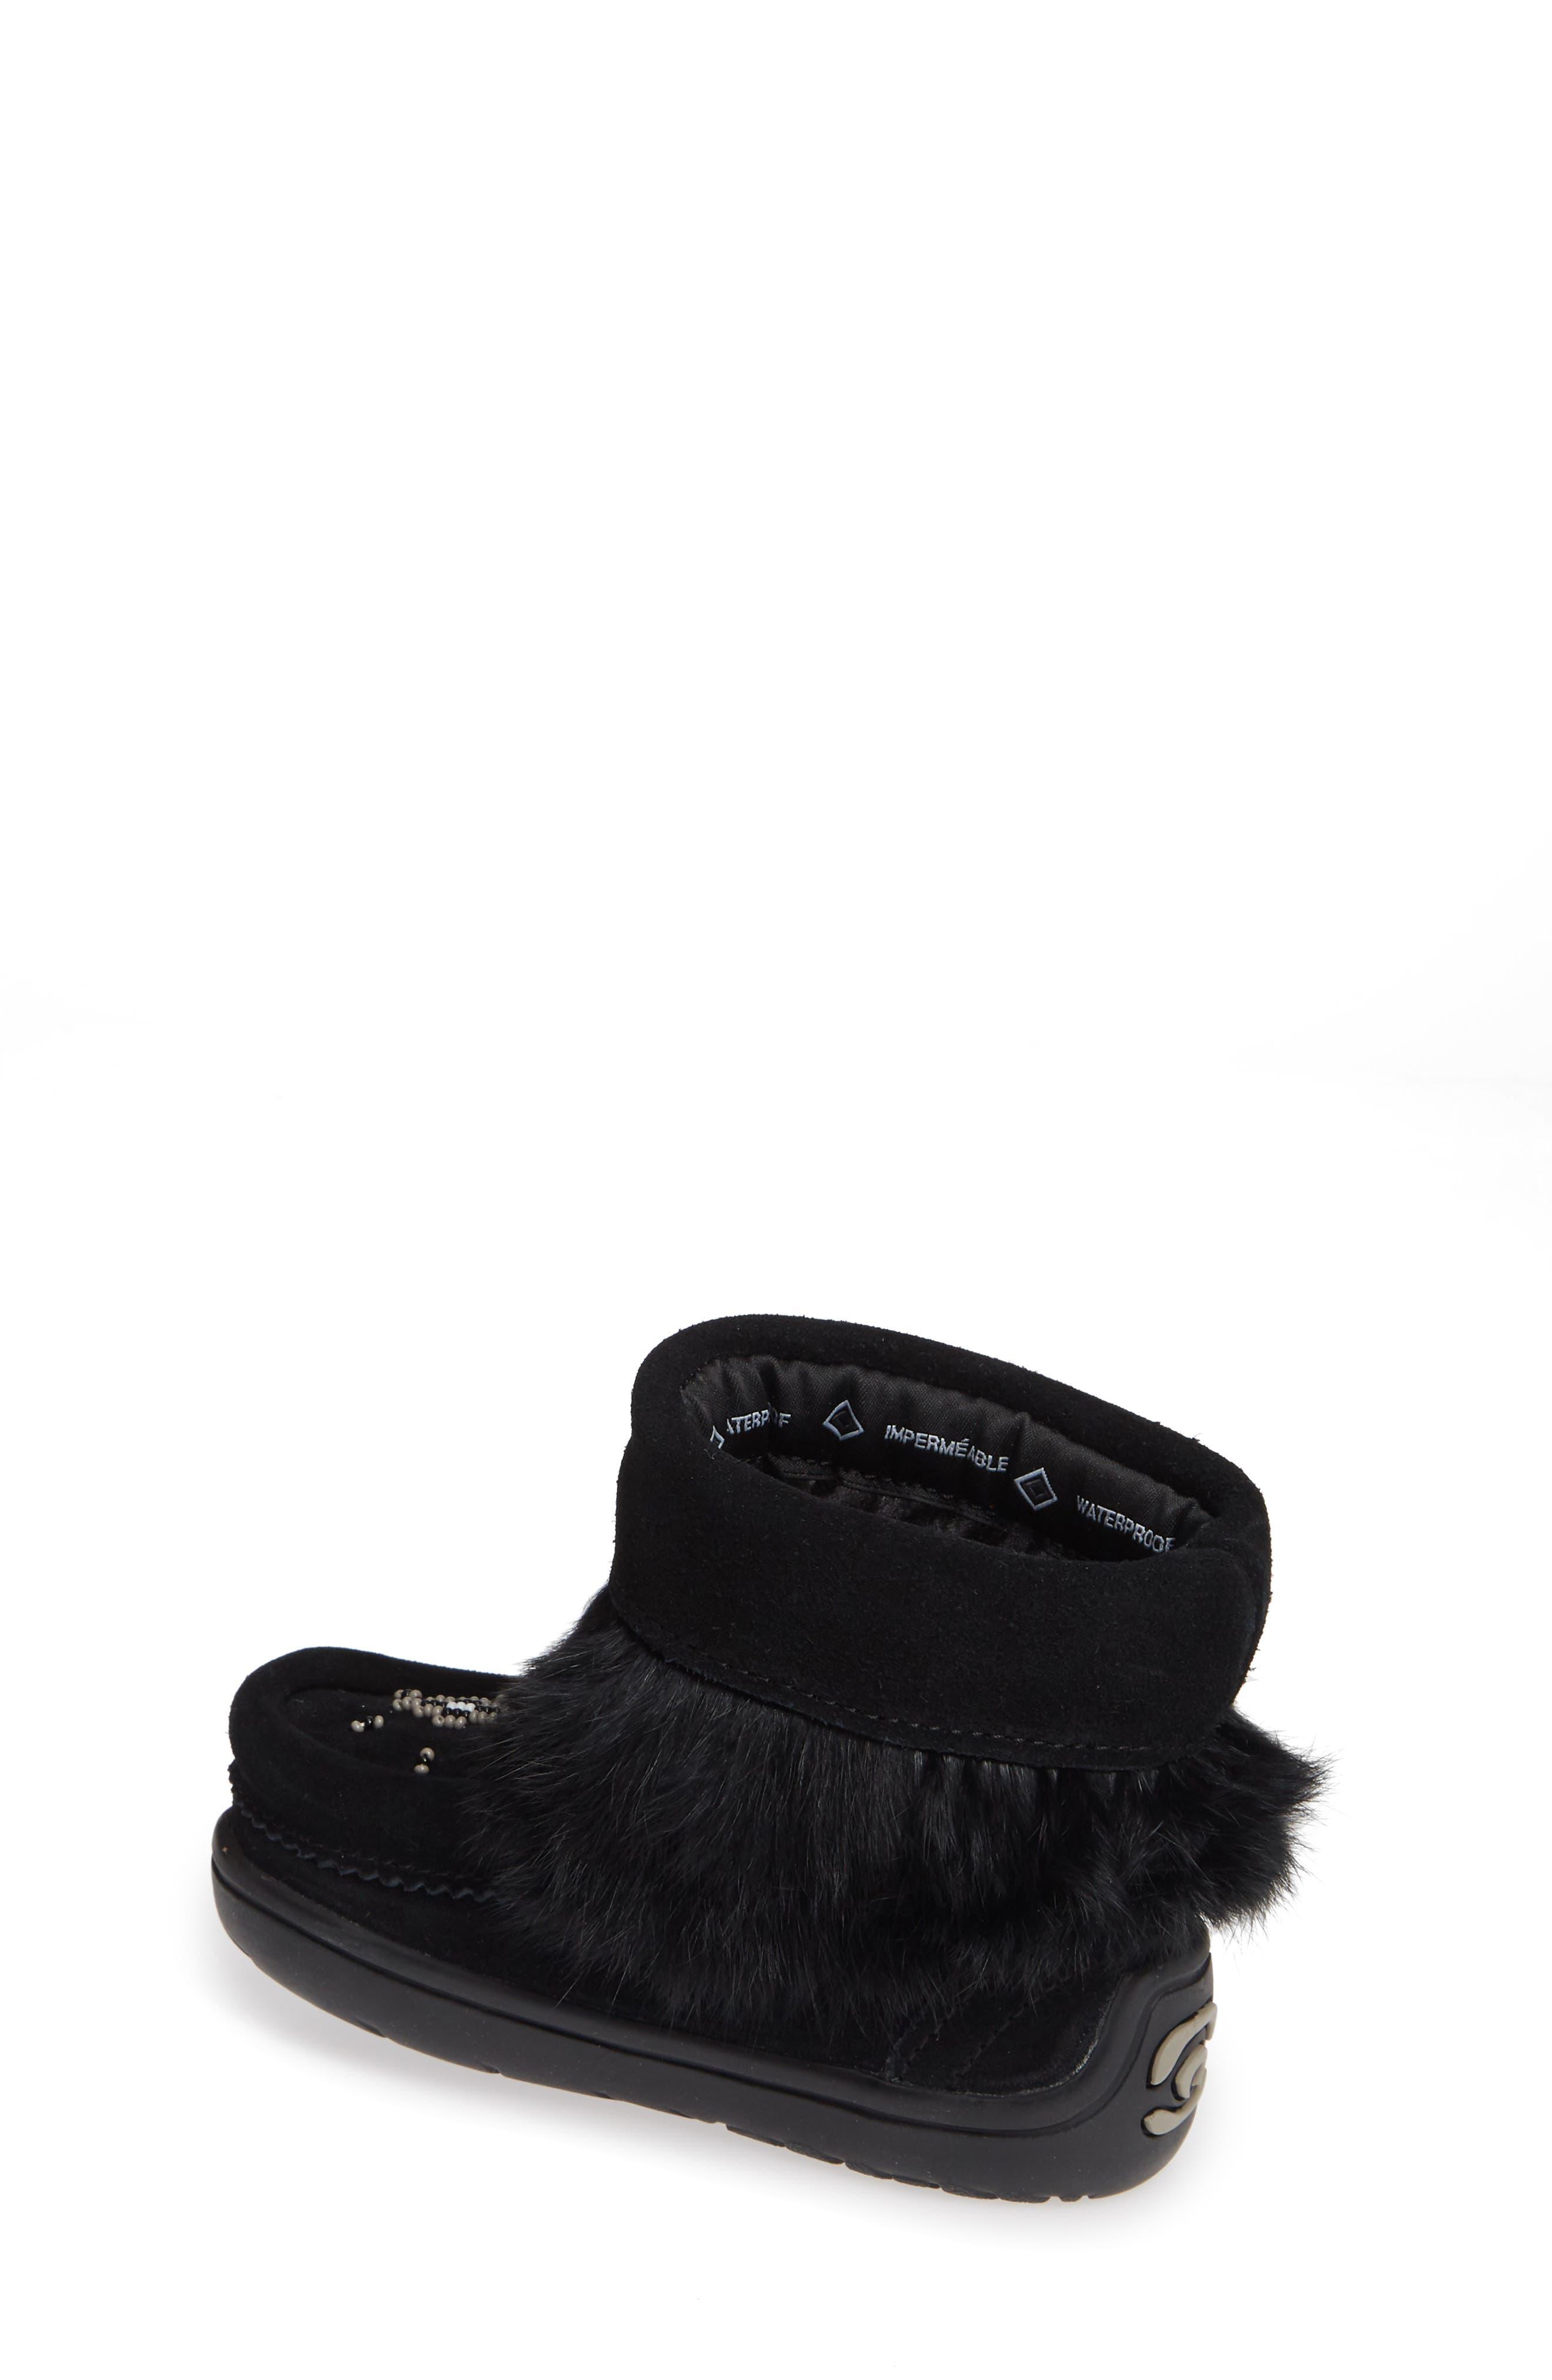 Snowy Owlet Genuine Fur Waterproof Boot,                             Alternate thumbnail 2, color,                             BLACK